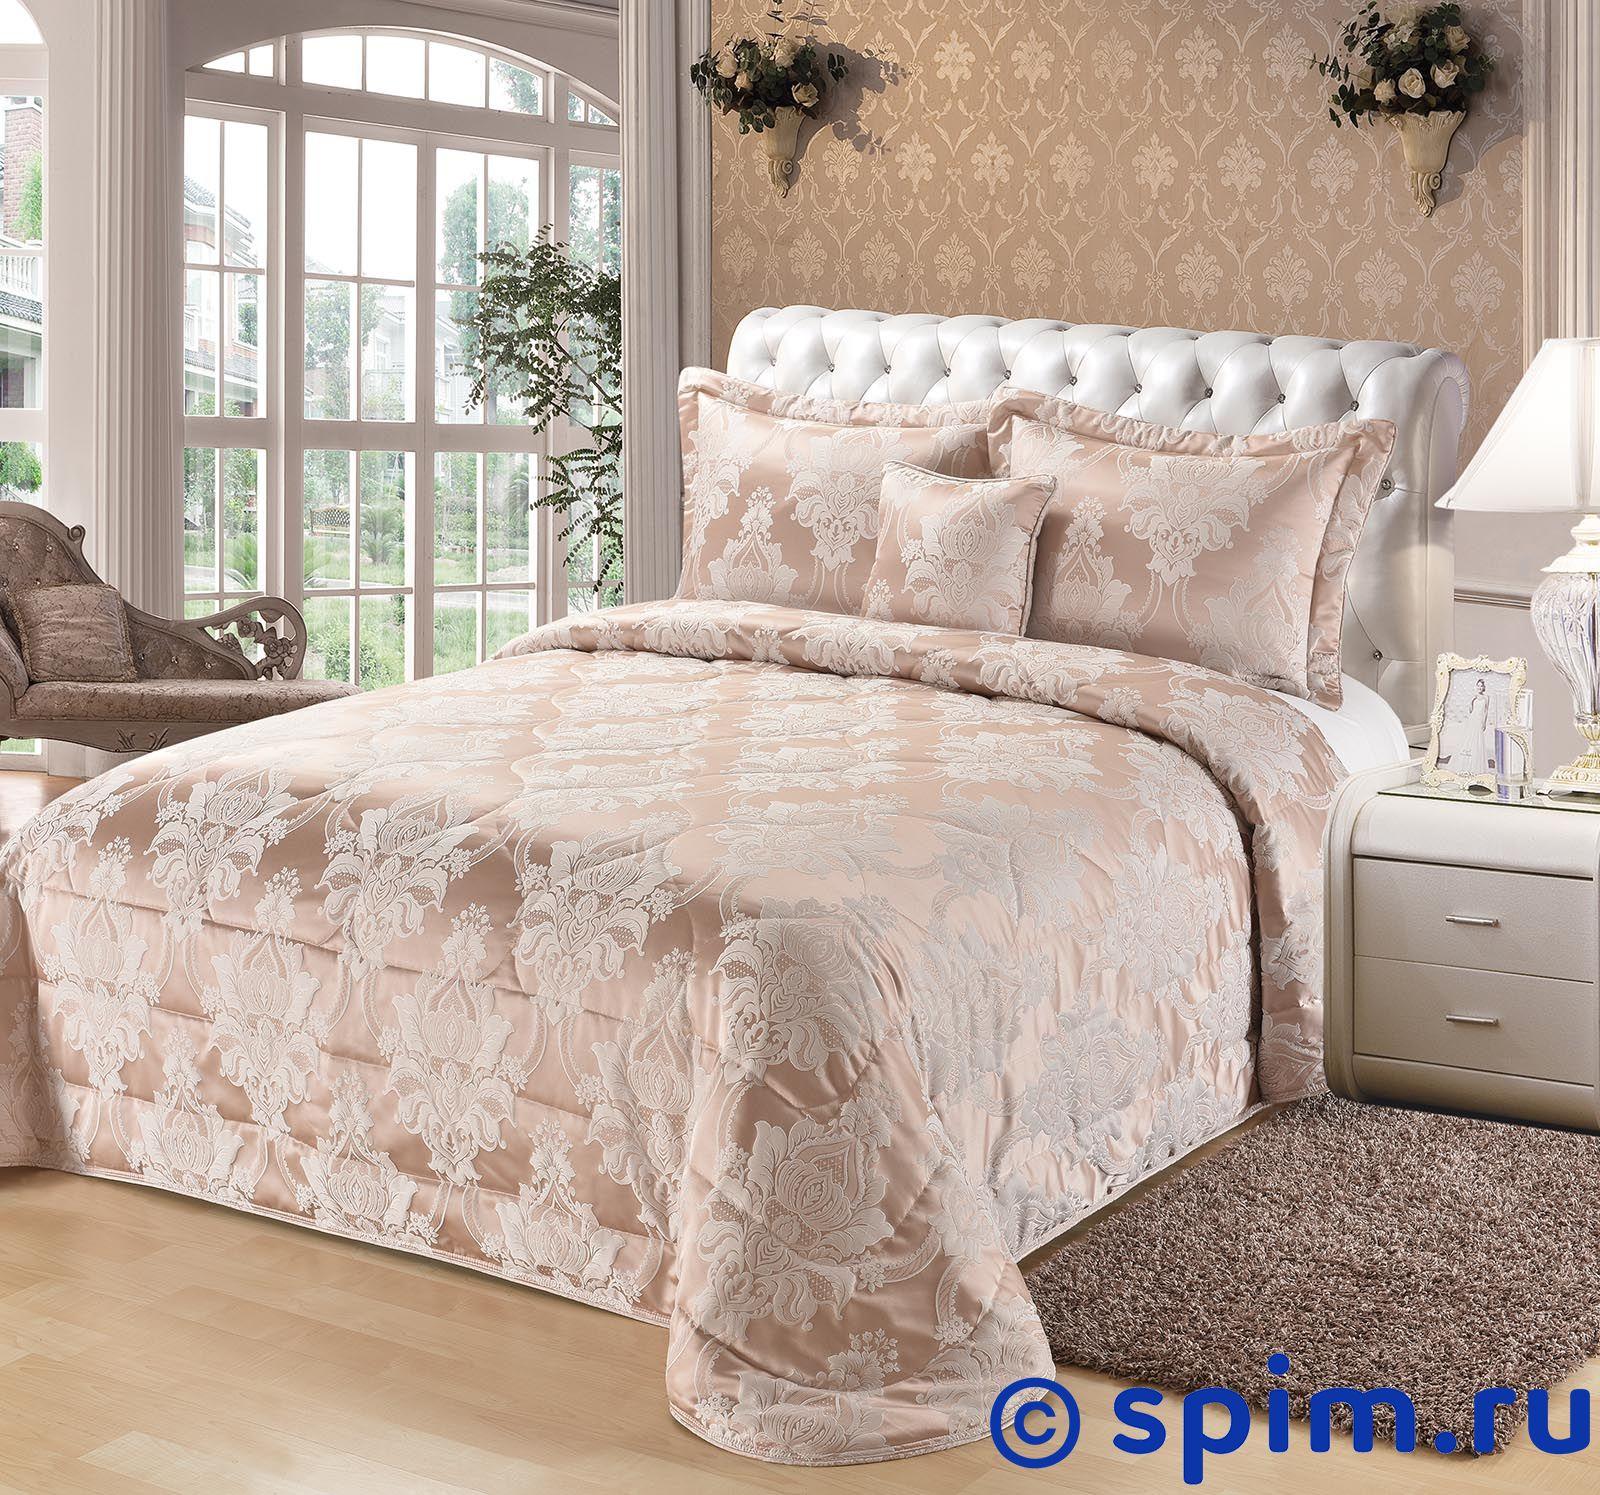 Покрывало Sofi De Marko Эльза с наволочками, розовый покрывало 240х260 см sofi de marko покрывало 240х260 см